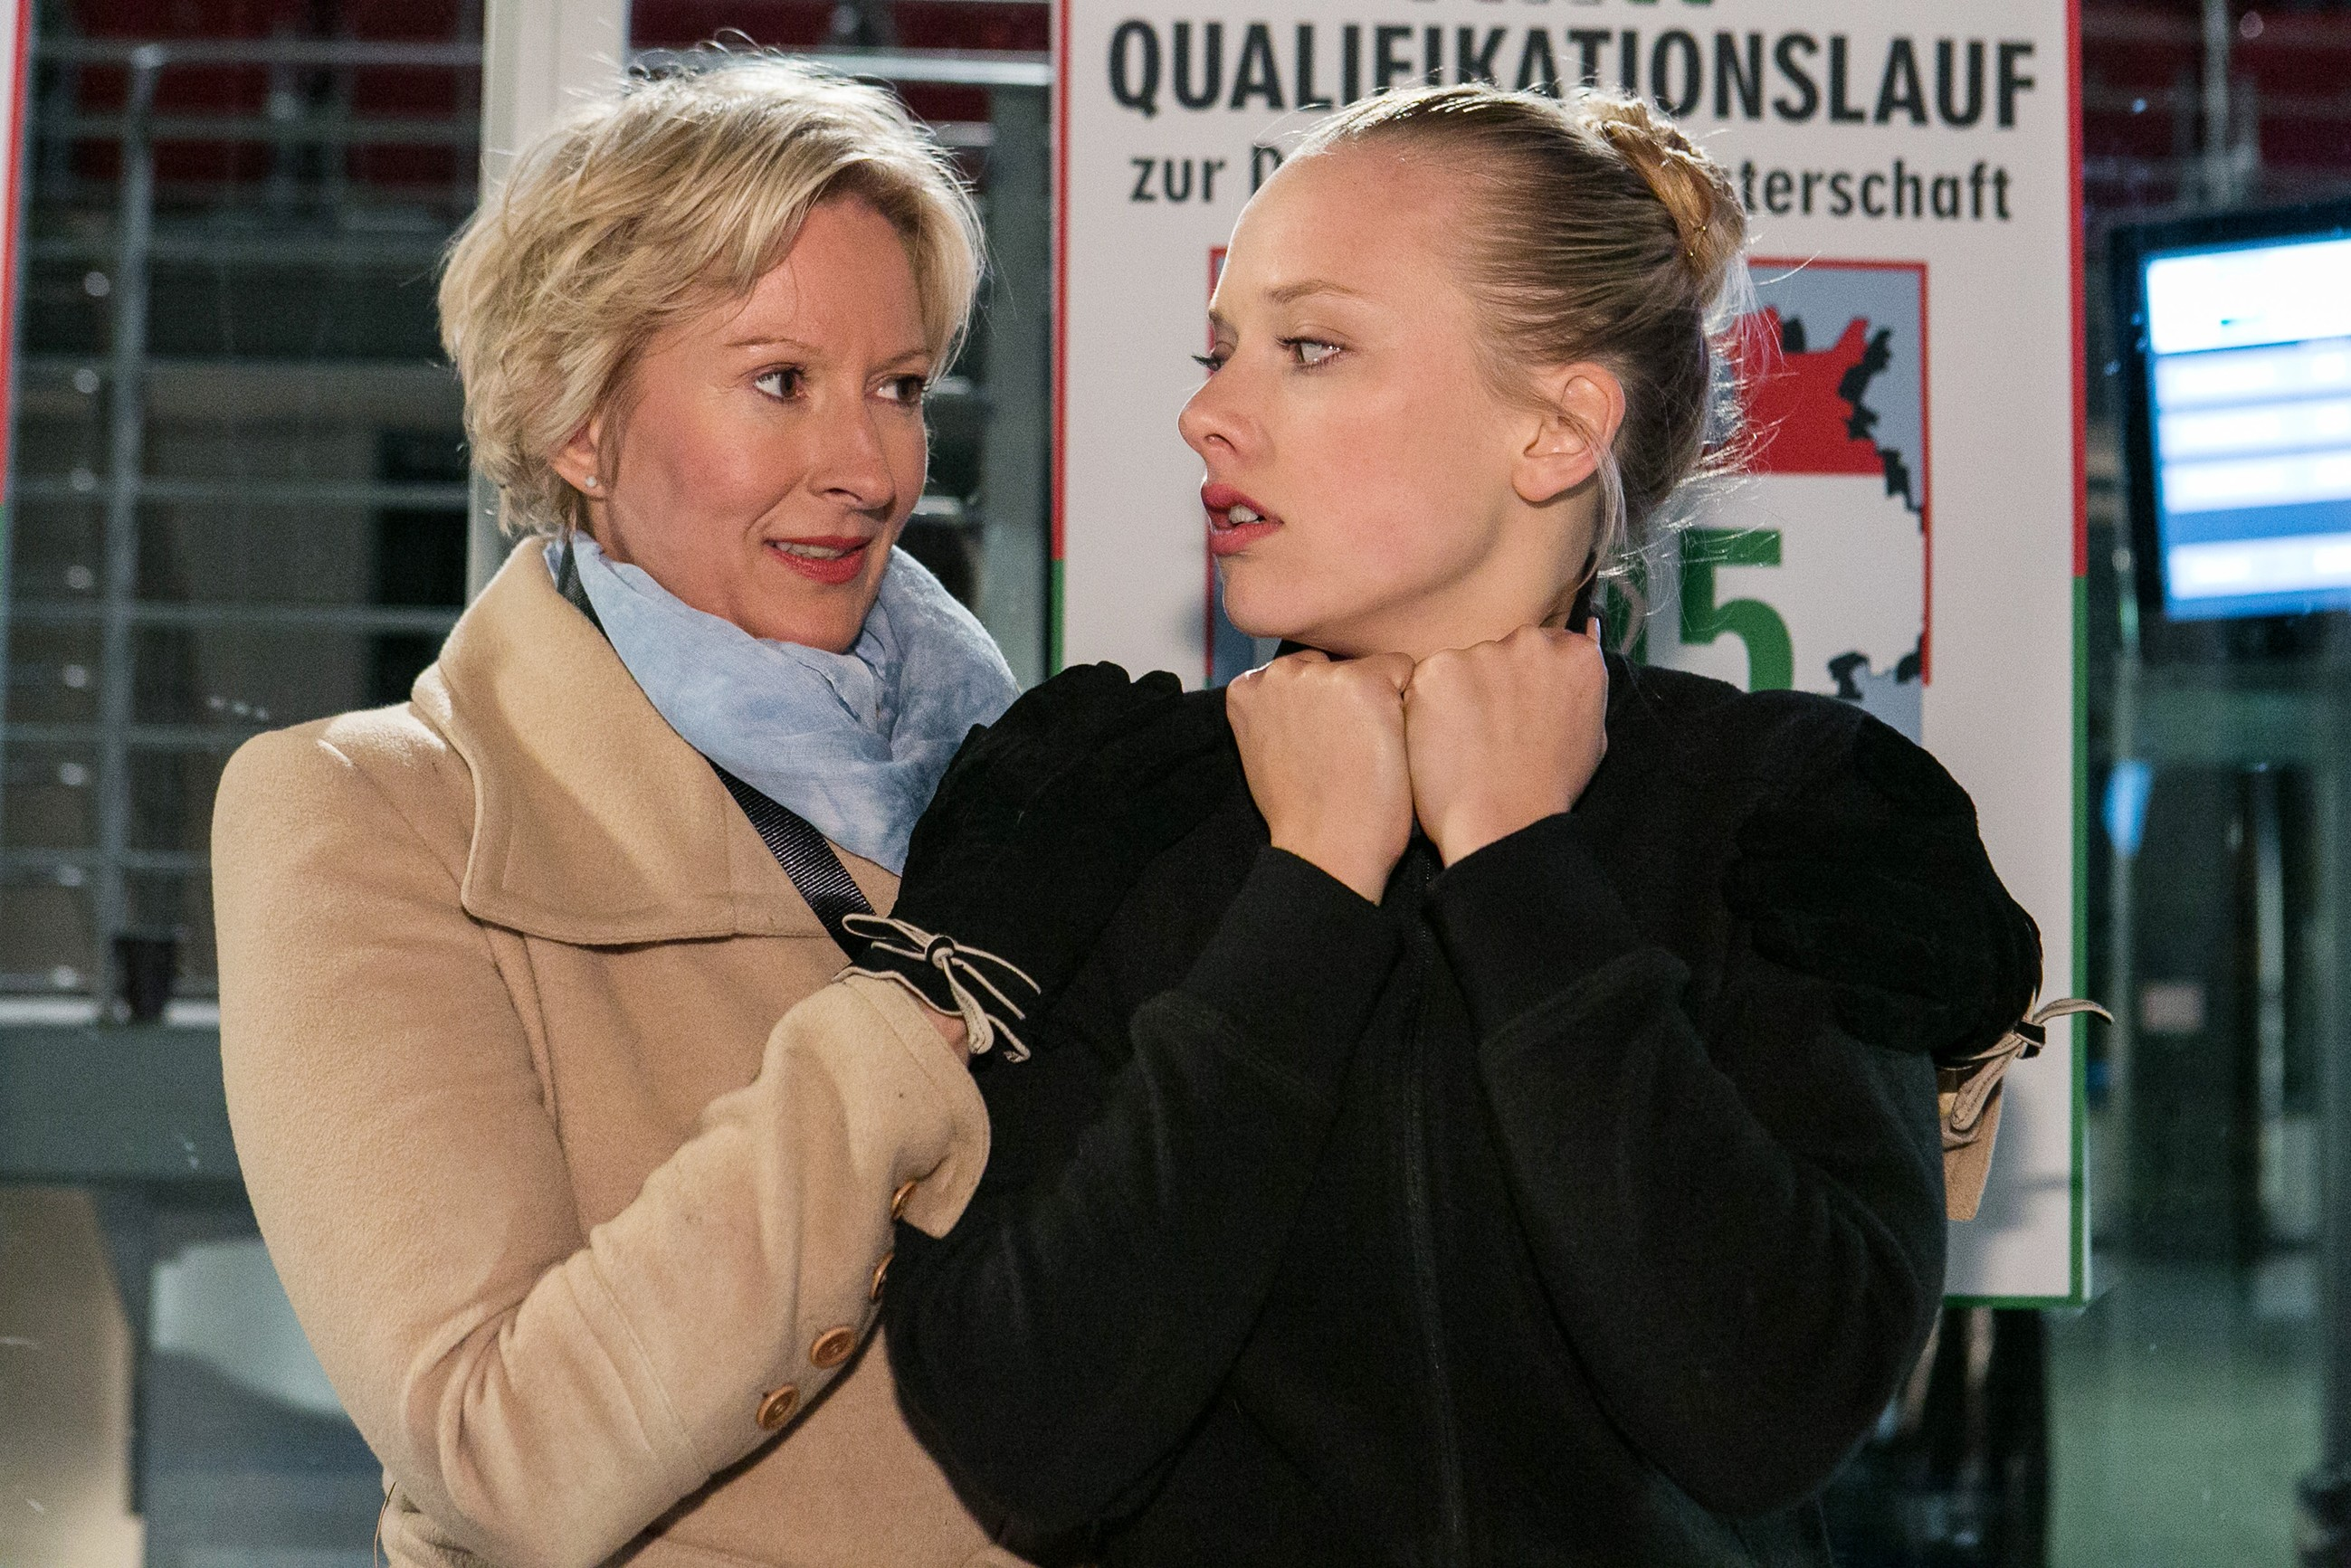 Marie (Judith Neumann, r.) bangt zusammen mit ihrer Trainerin Caroline (Olivia Augustinski), ob ihr Lauf für die Qualifikation zur Deutschen Meisterschaft gereicht hat. (Quelle: RTL / Kai Schulz)